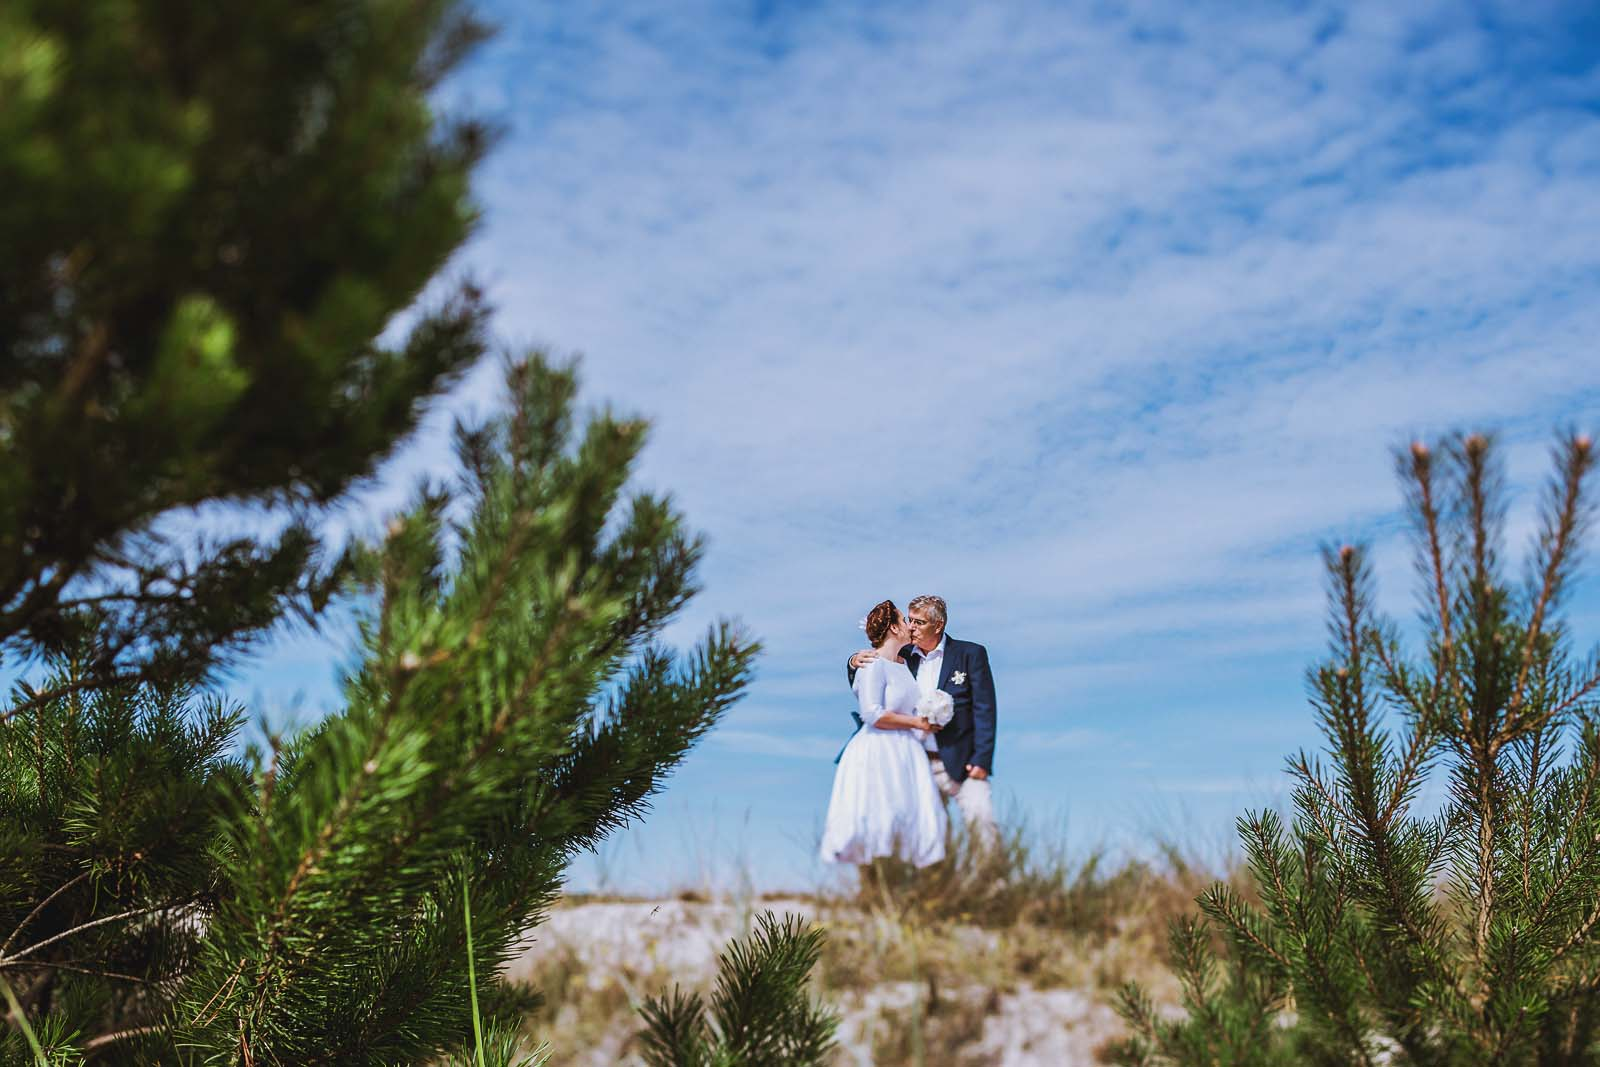 Hochzeitsfotograf Ruegen am Strand mit Brautpaar Copyright by Hochzeitsfotograf www.berliner-hochzeitsfotografie.de